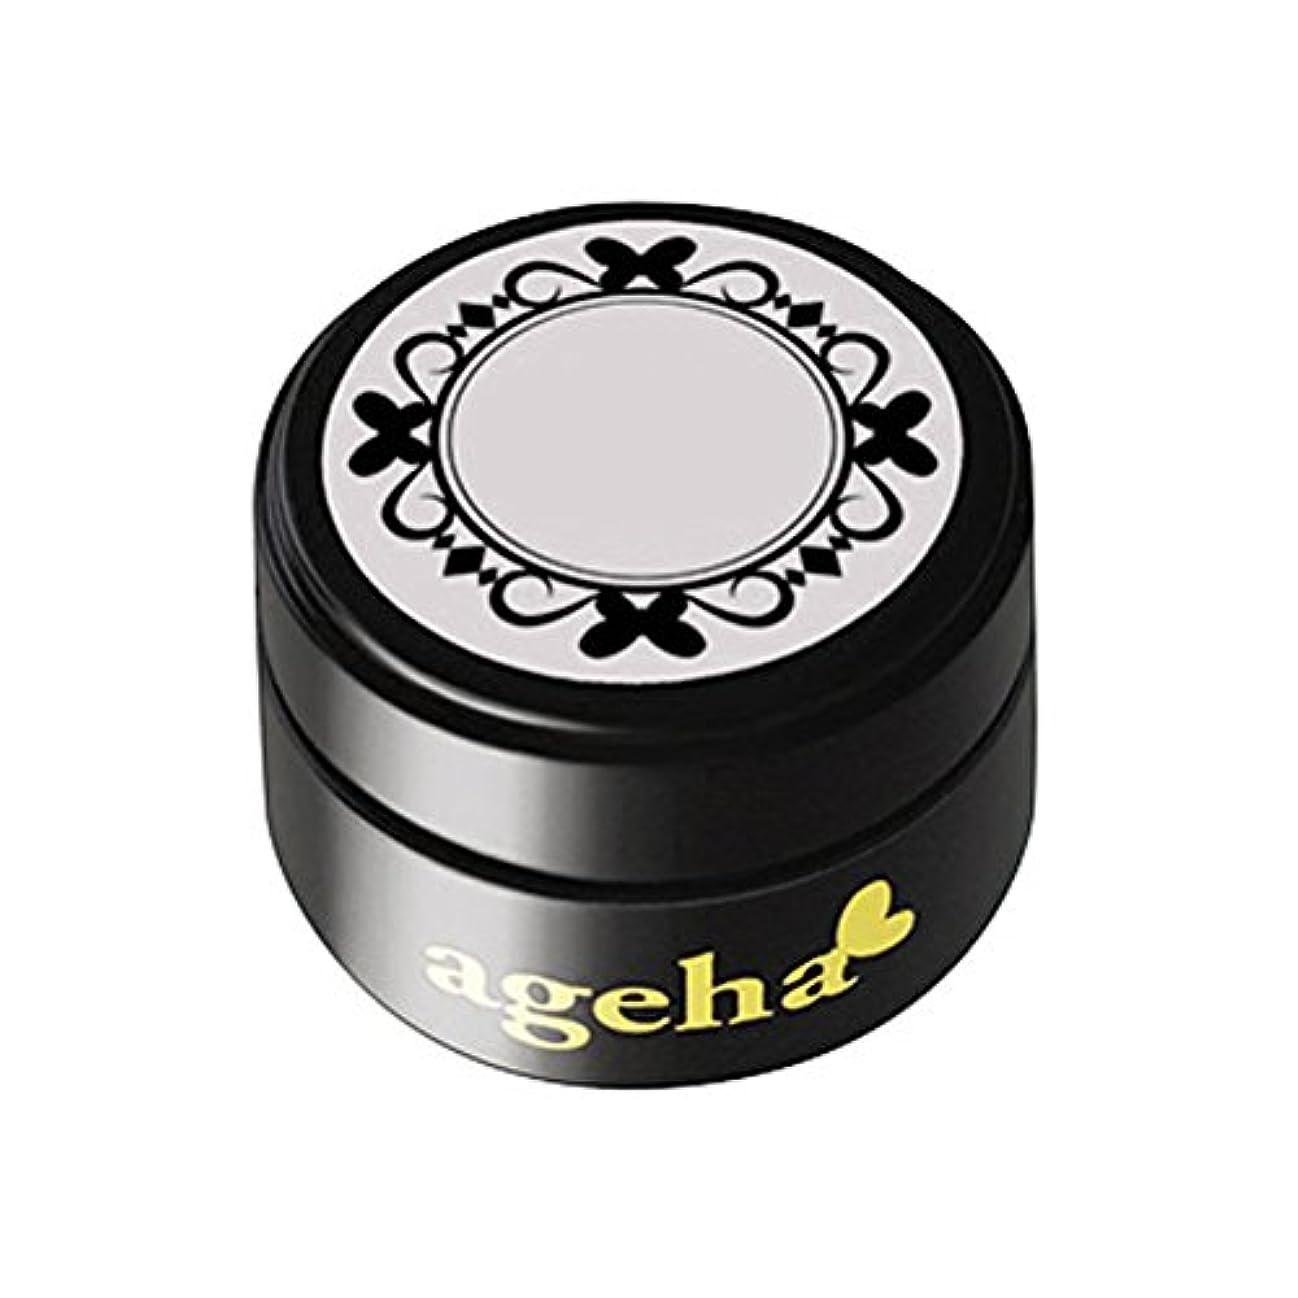 まぶしさいたずら悪性ageha gel カラージェル コスメカラー 315 フレッシュピンクA 2.7g UV/LED対応